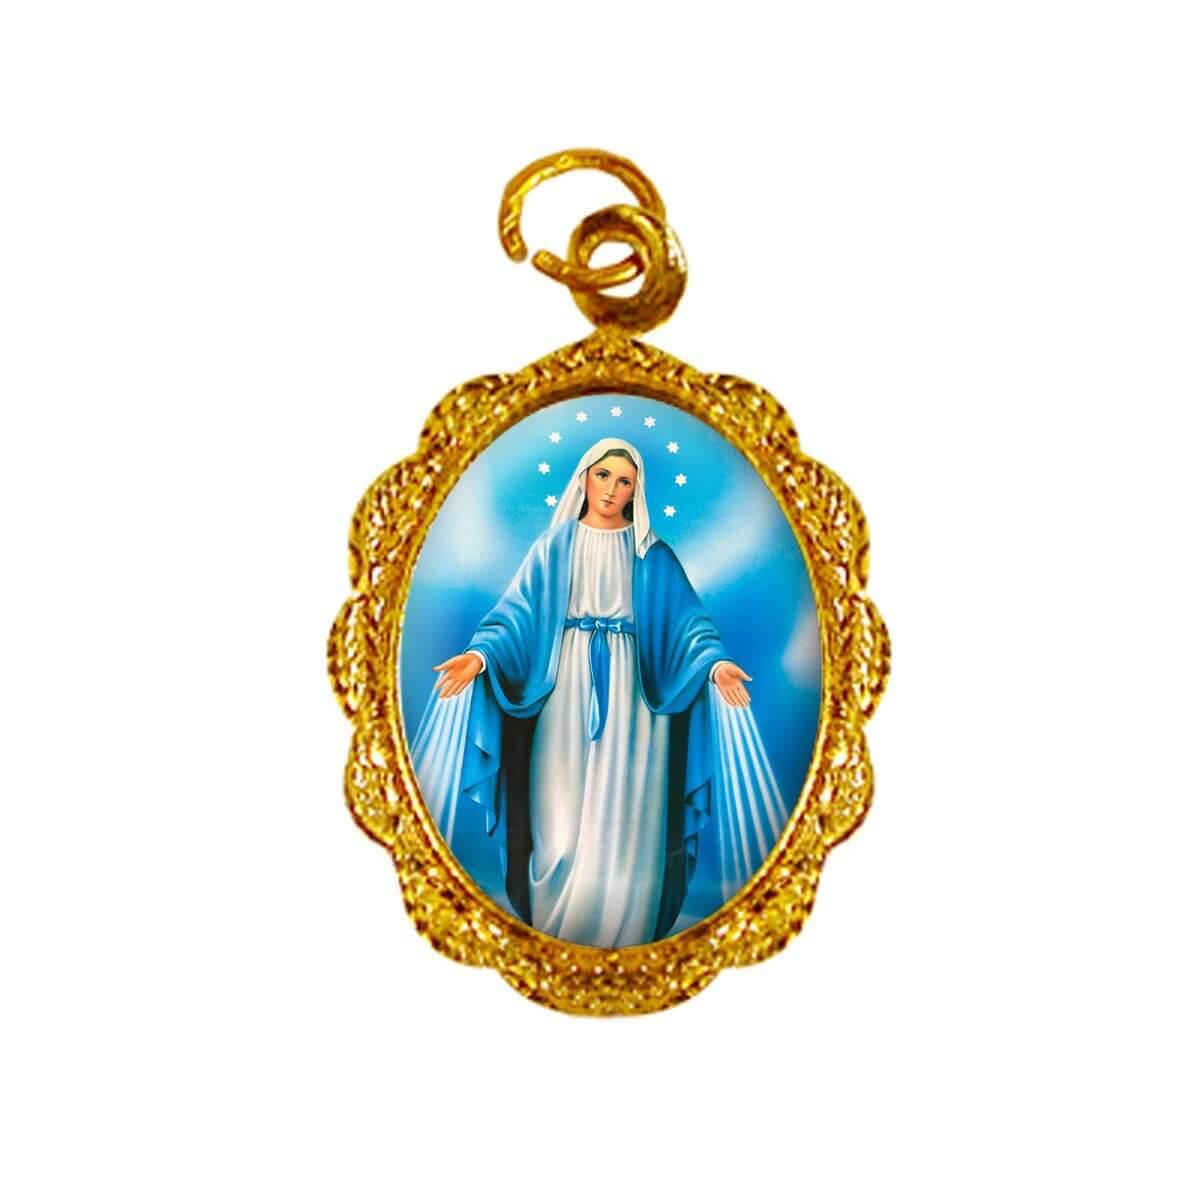 6b29a59fb Medalha de Alumínio - Nossa Senhora das Graças - Mod. 2